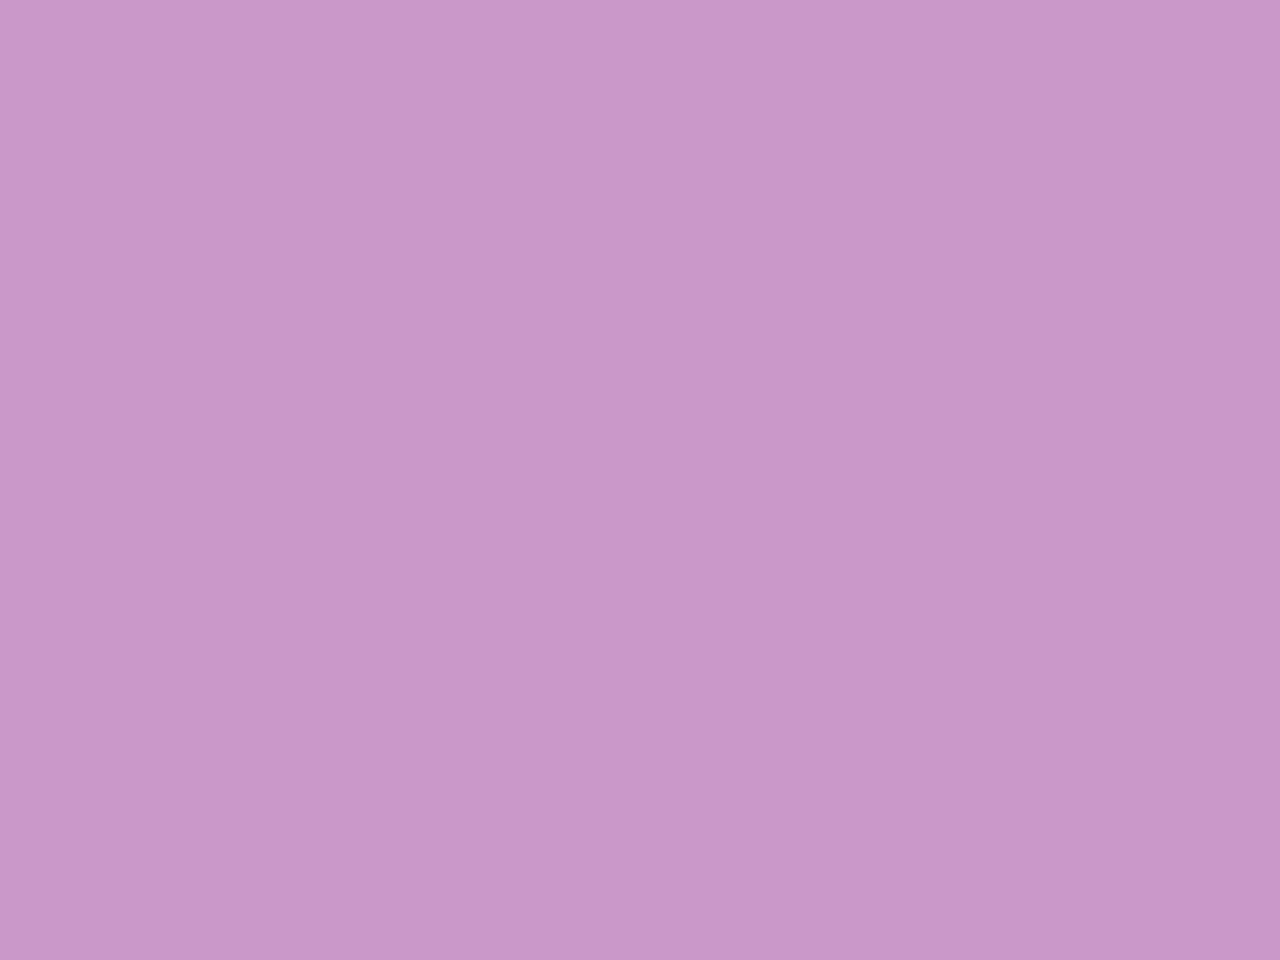 1280x960 Pastel Violet Solid Color Background